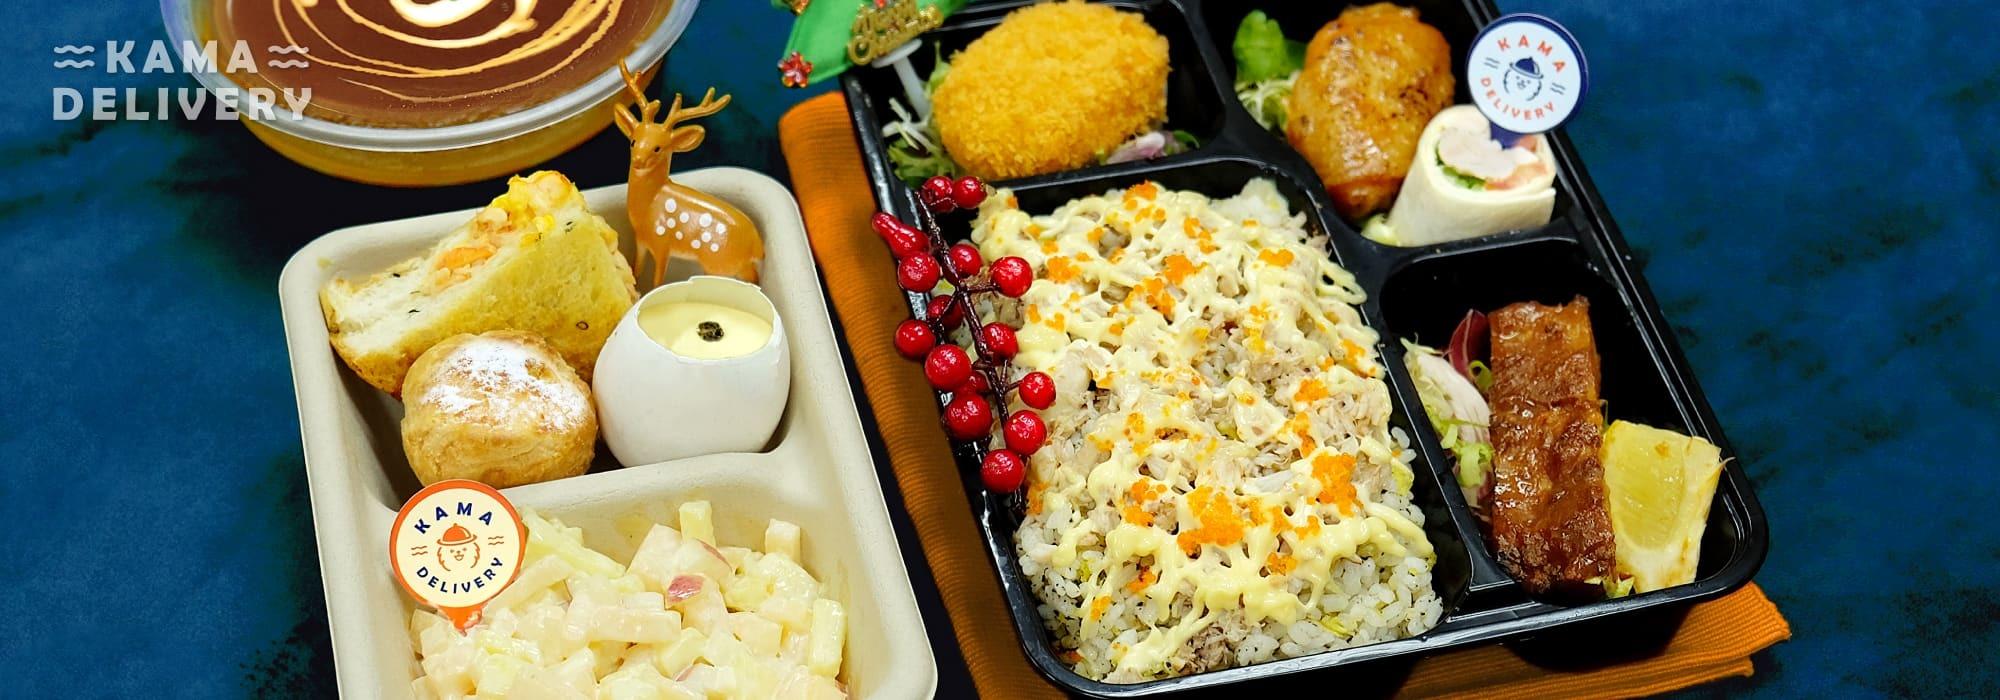 飯盒便當、小食餐盒|到會外賣推介2021|Kama Delivery美食速遞公司